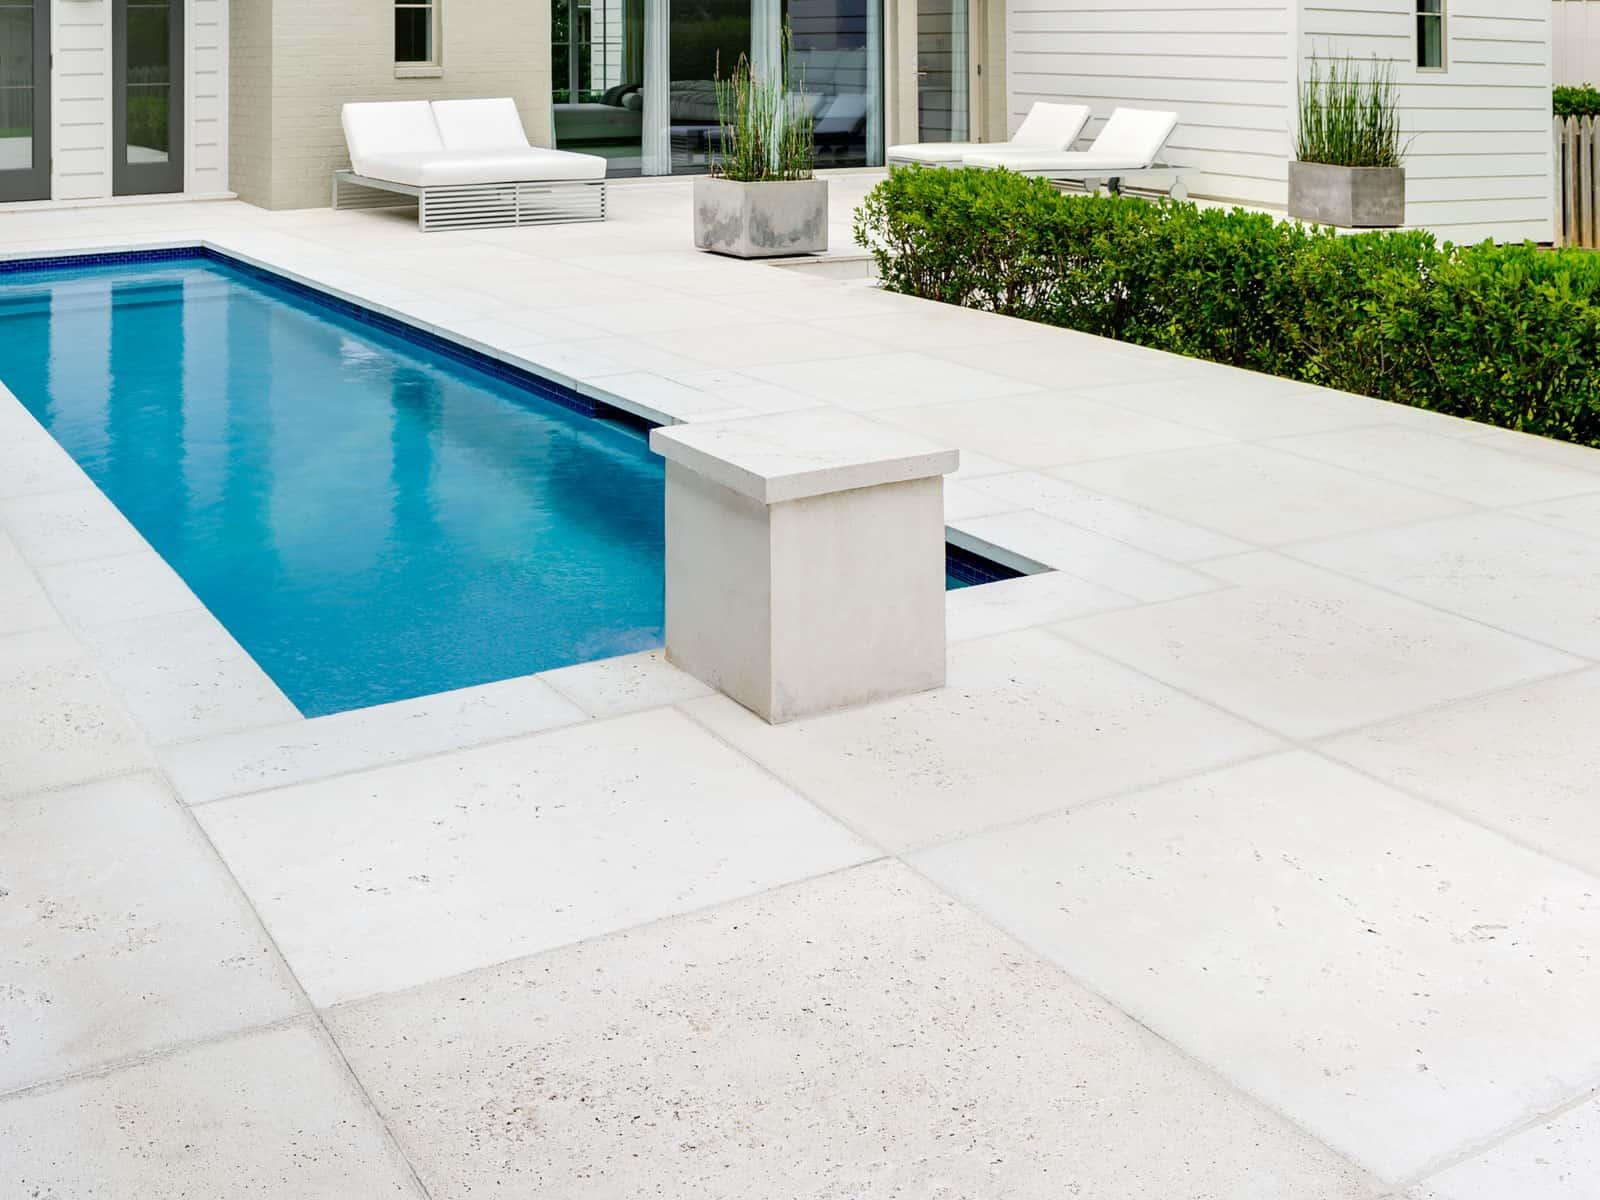 Concrete Pavers For Pools Poolside Concrete Paving